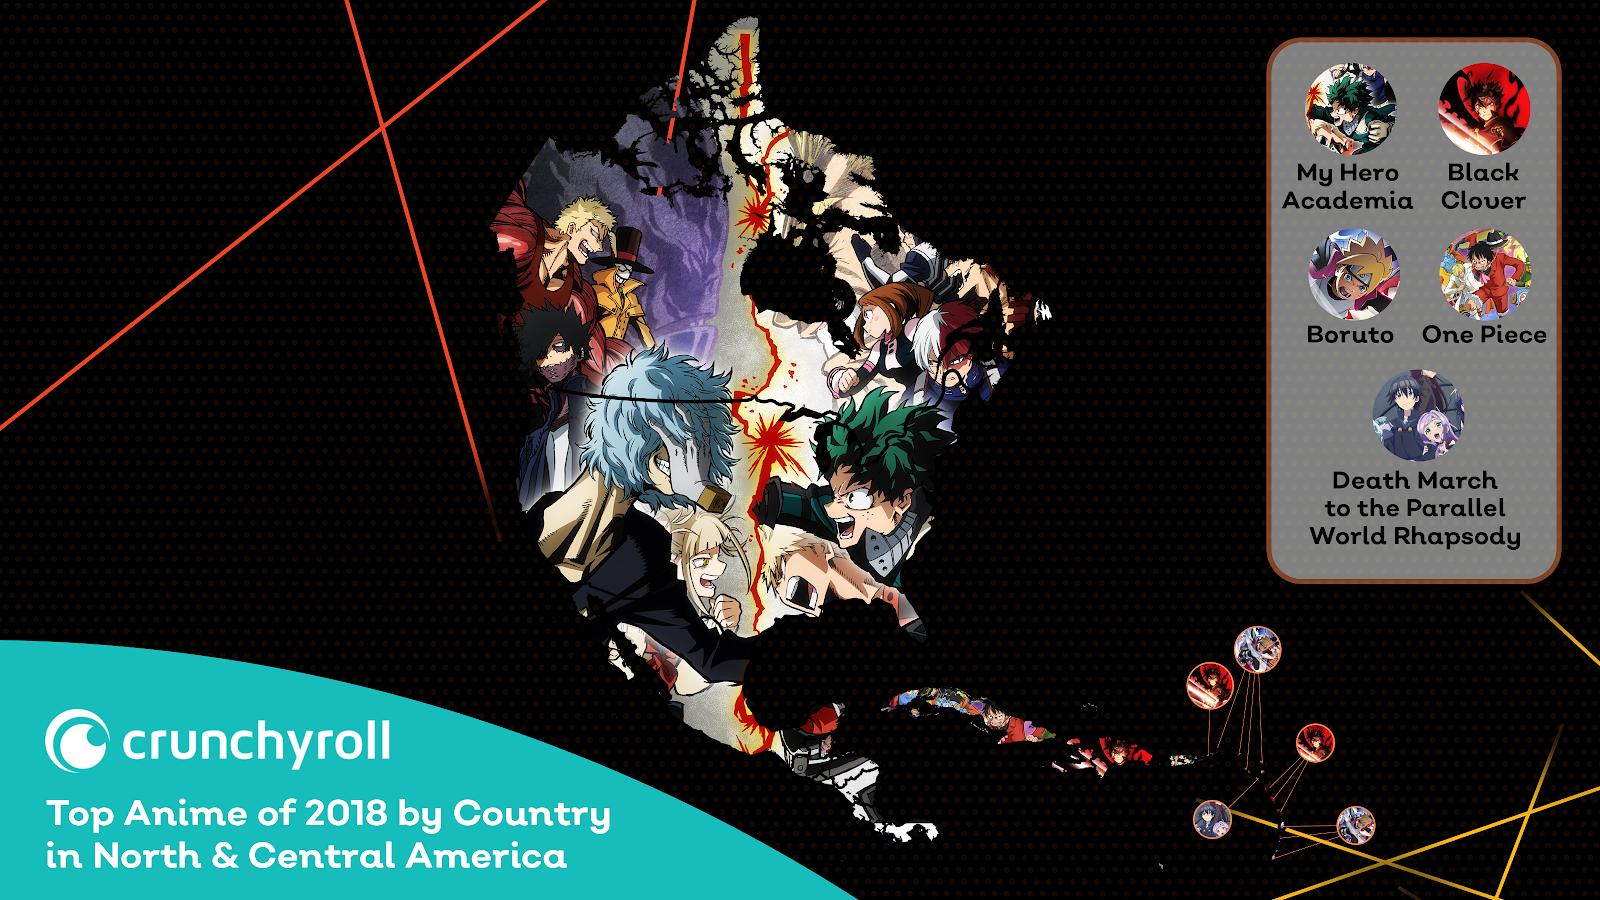 Animes mais populares da Crunchyroll por país - Américas do Norte e Central